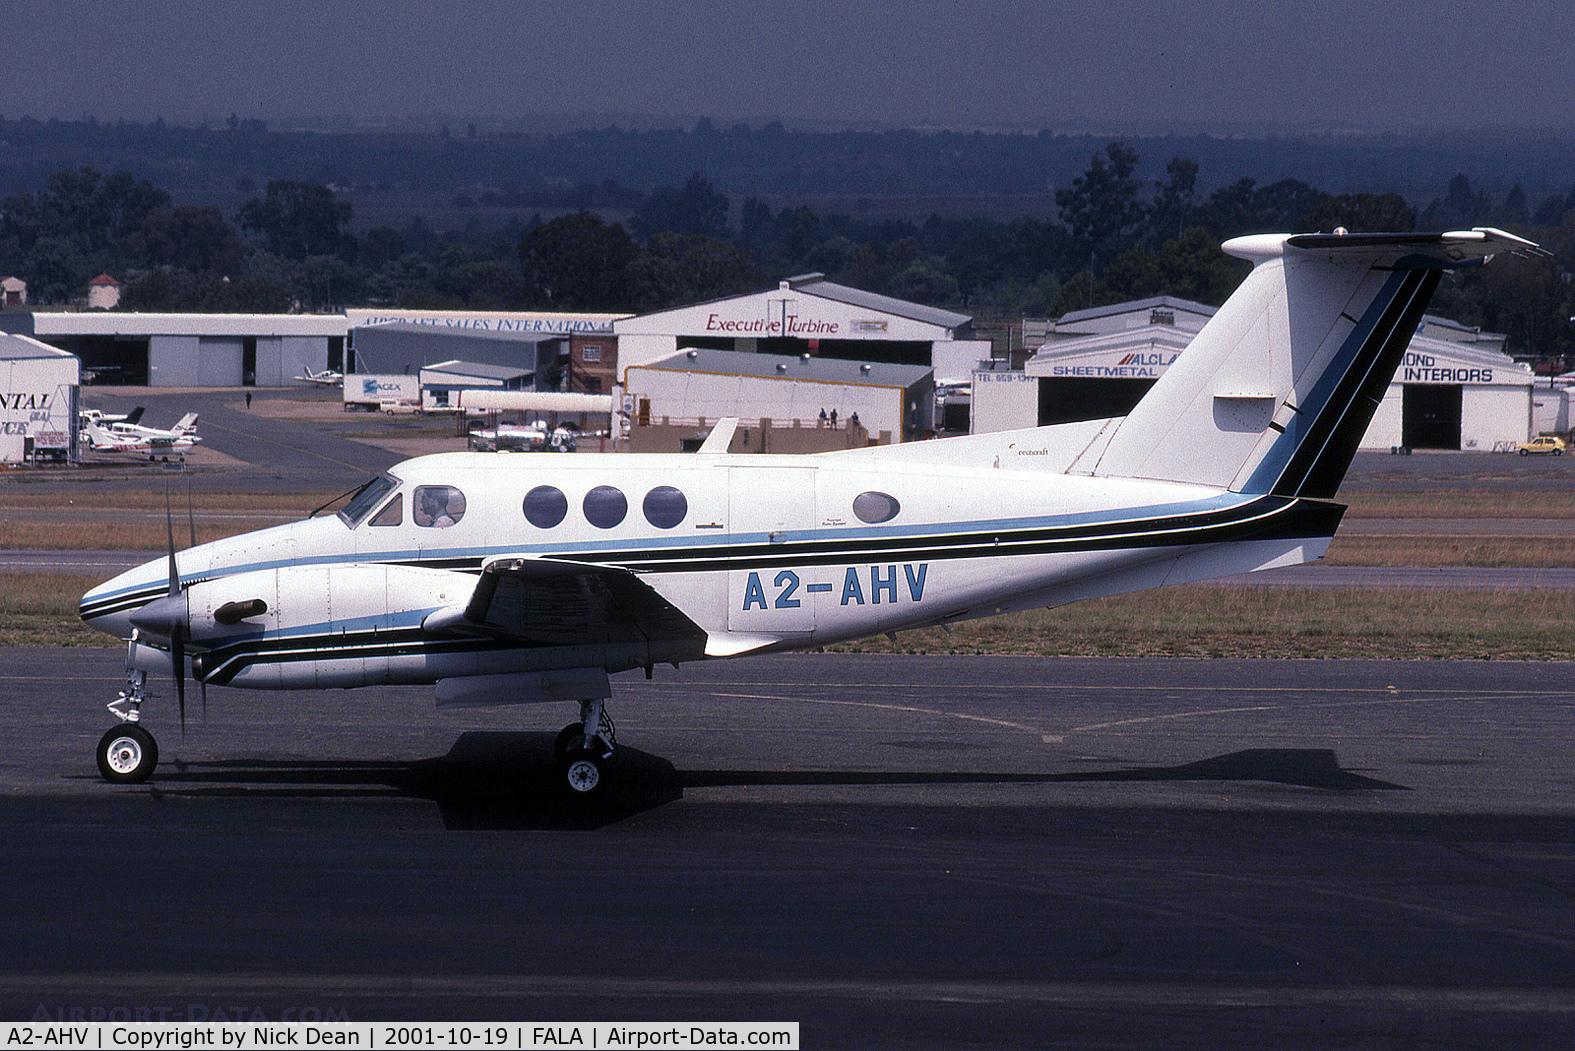 A2-AHV, Beech F90 King Air C/N LA-212, FALA